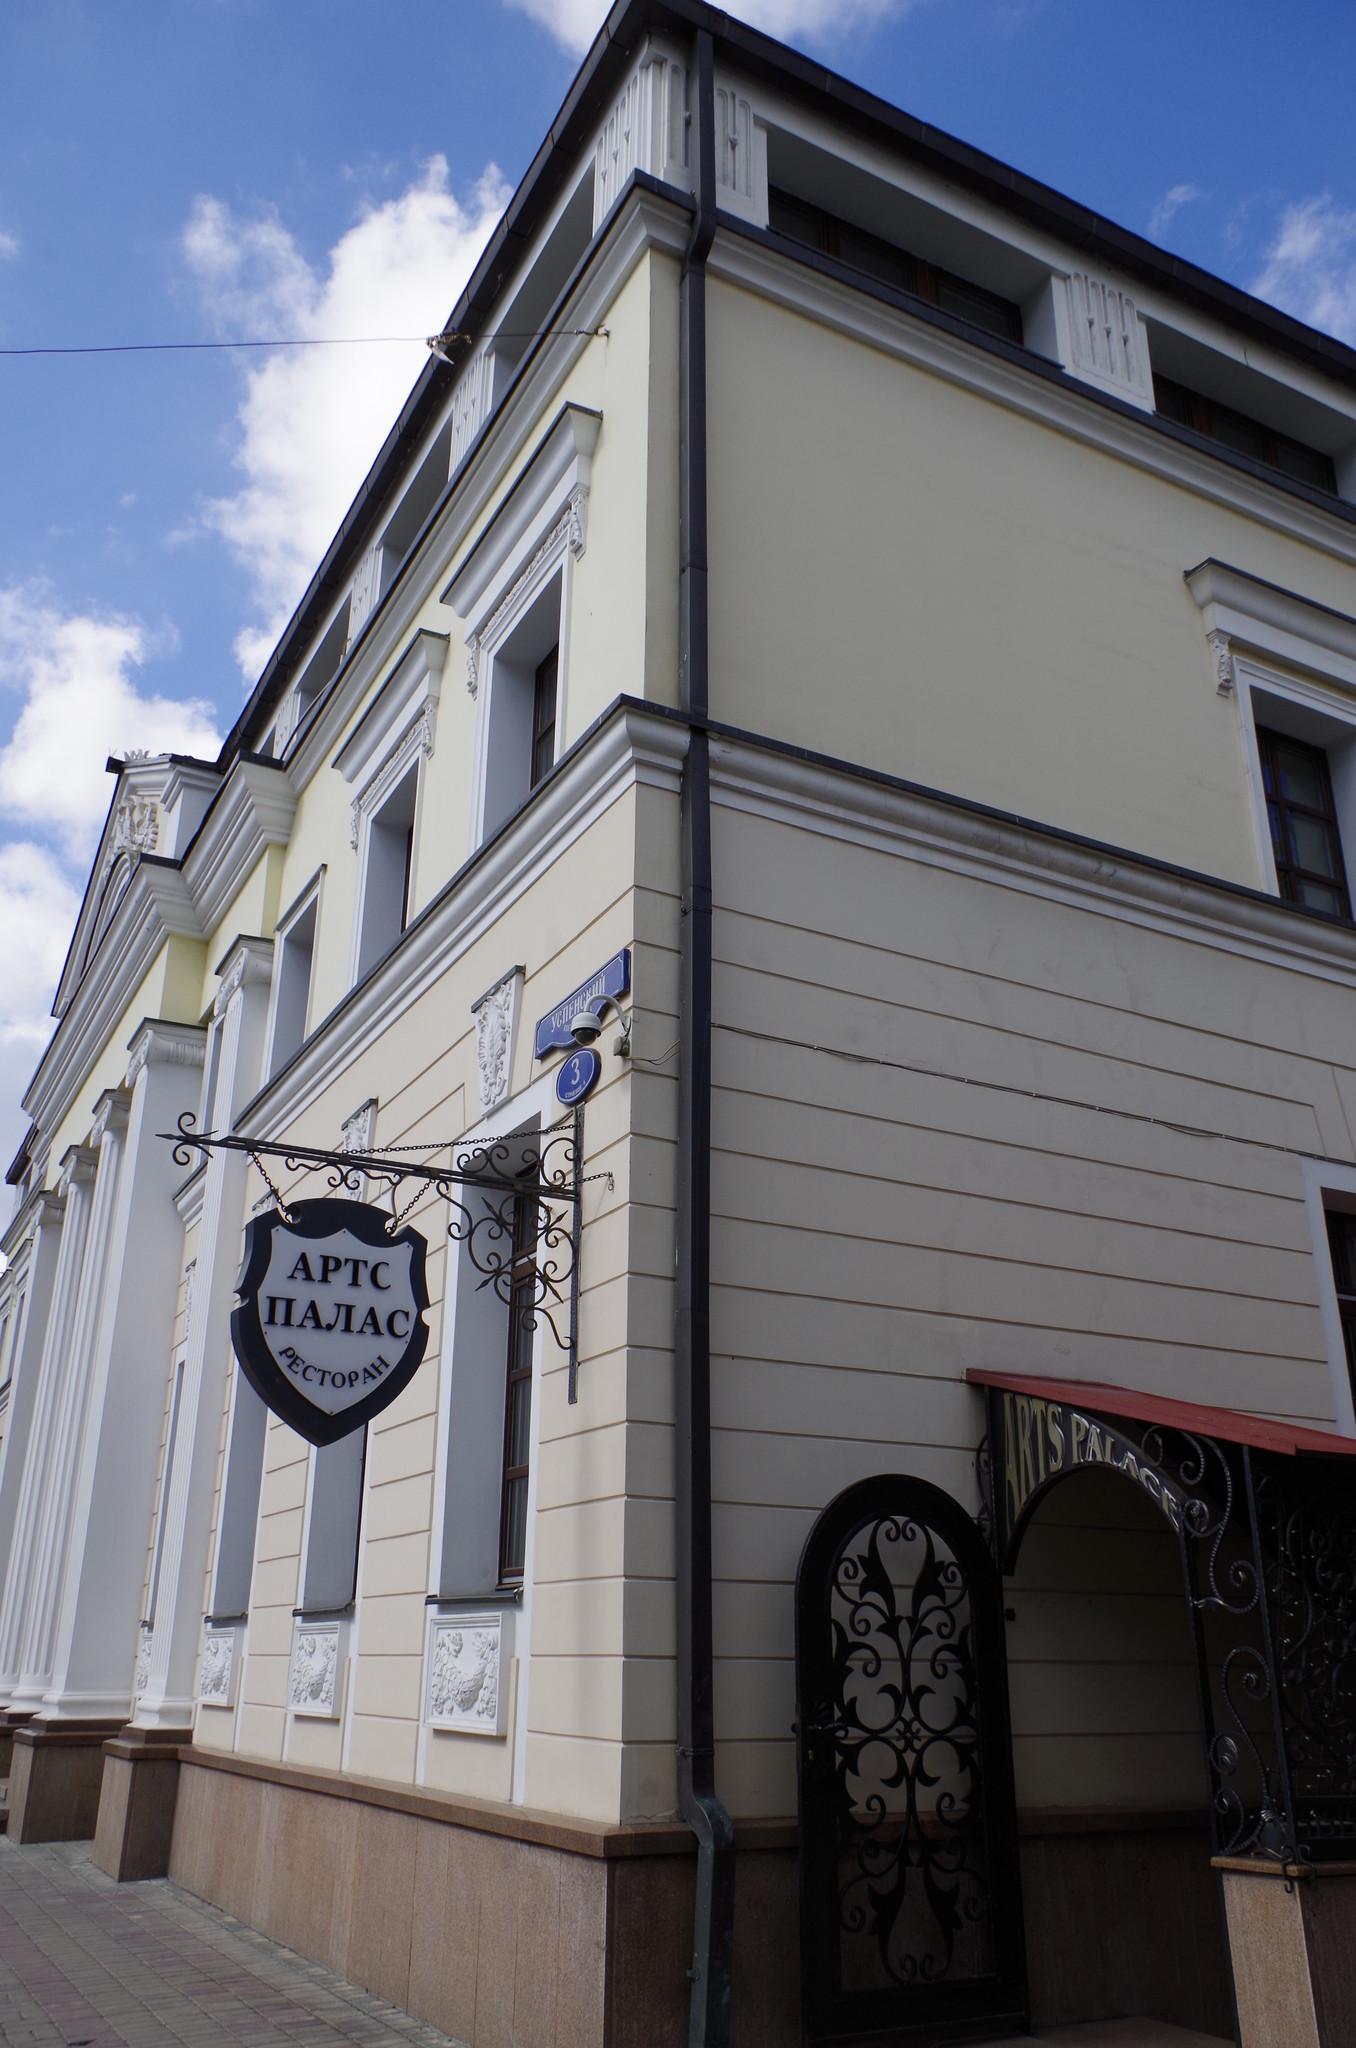 Ресторан «Arts-Palace» (Успенский переулок, дом 3, строение 4)